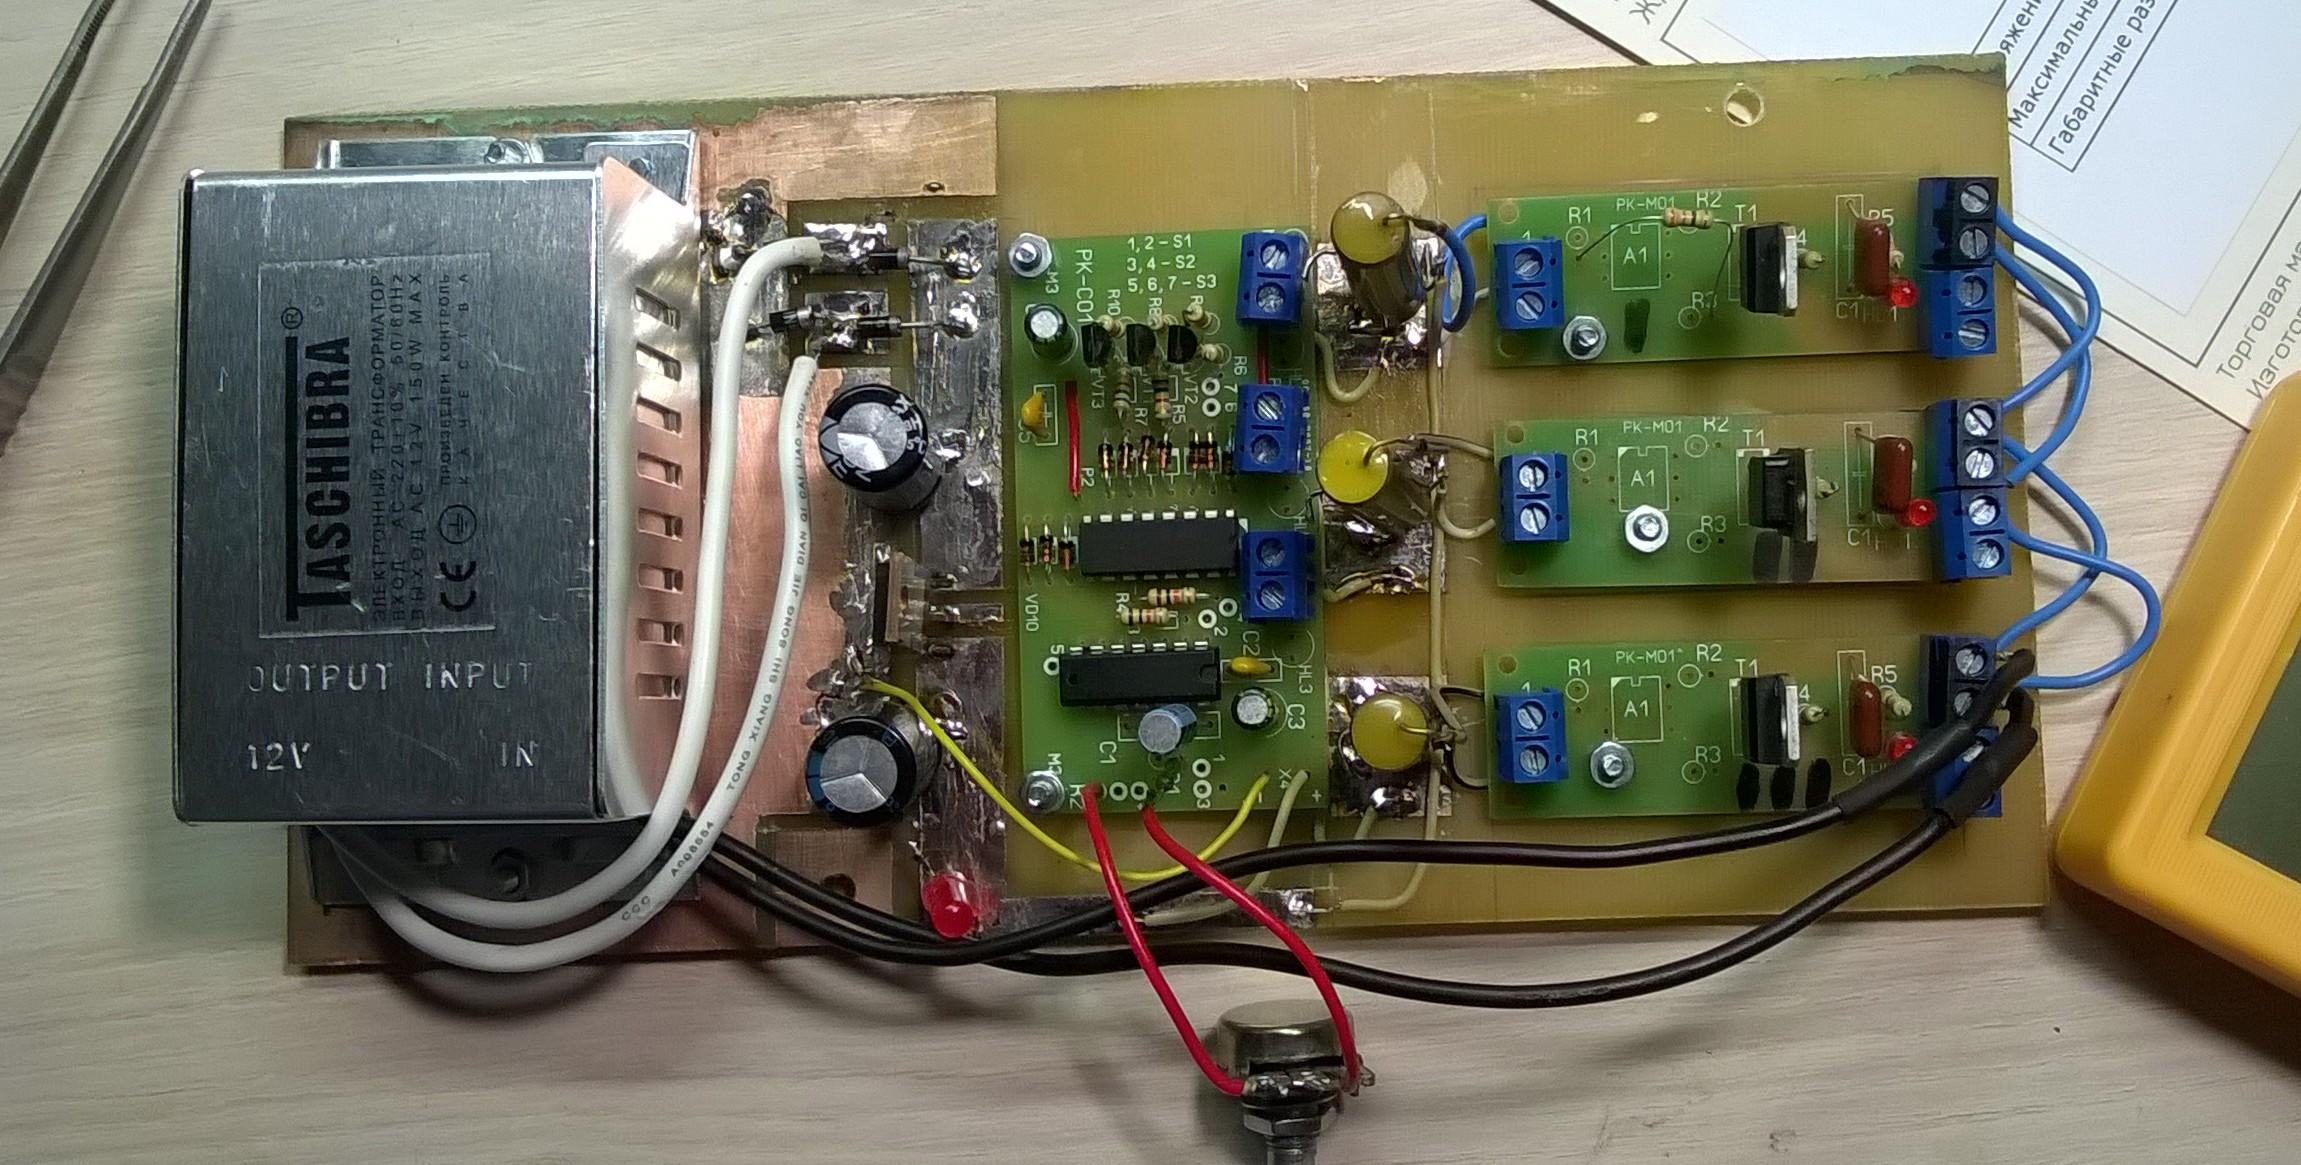 Из NM0201 и nm0501 собран светофор